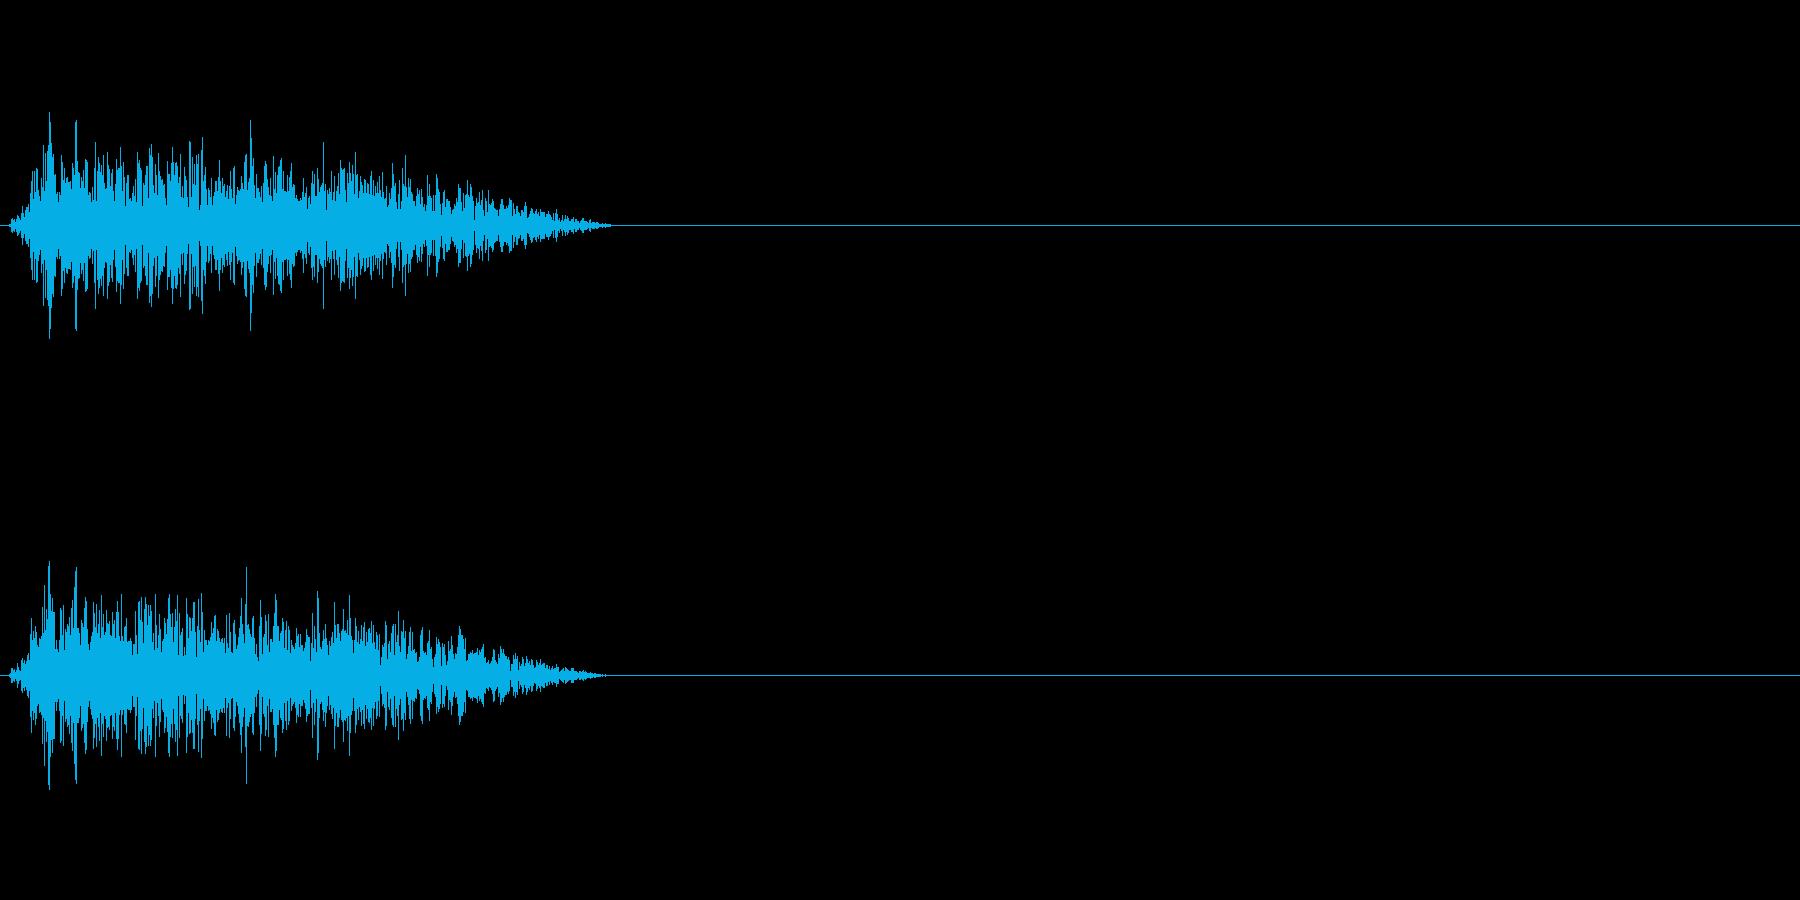 シャー 斬撃 風切り音の再生済みの波形